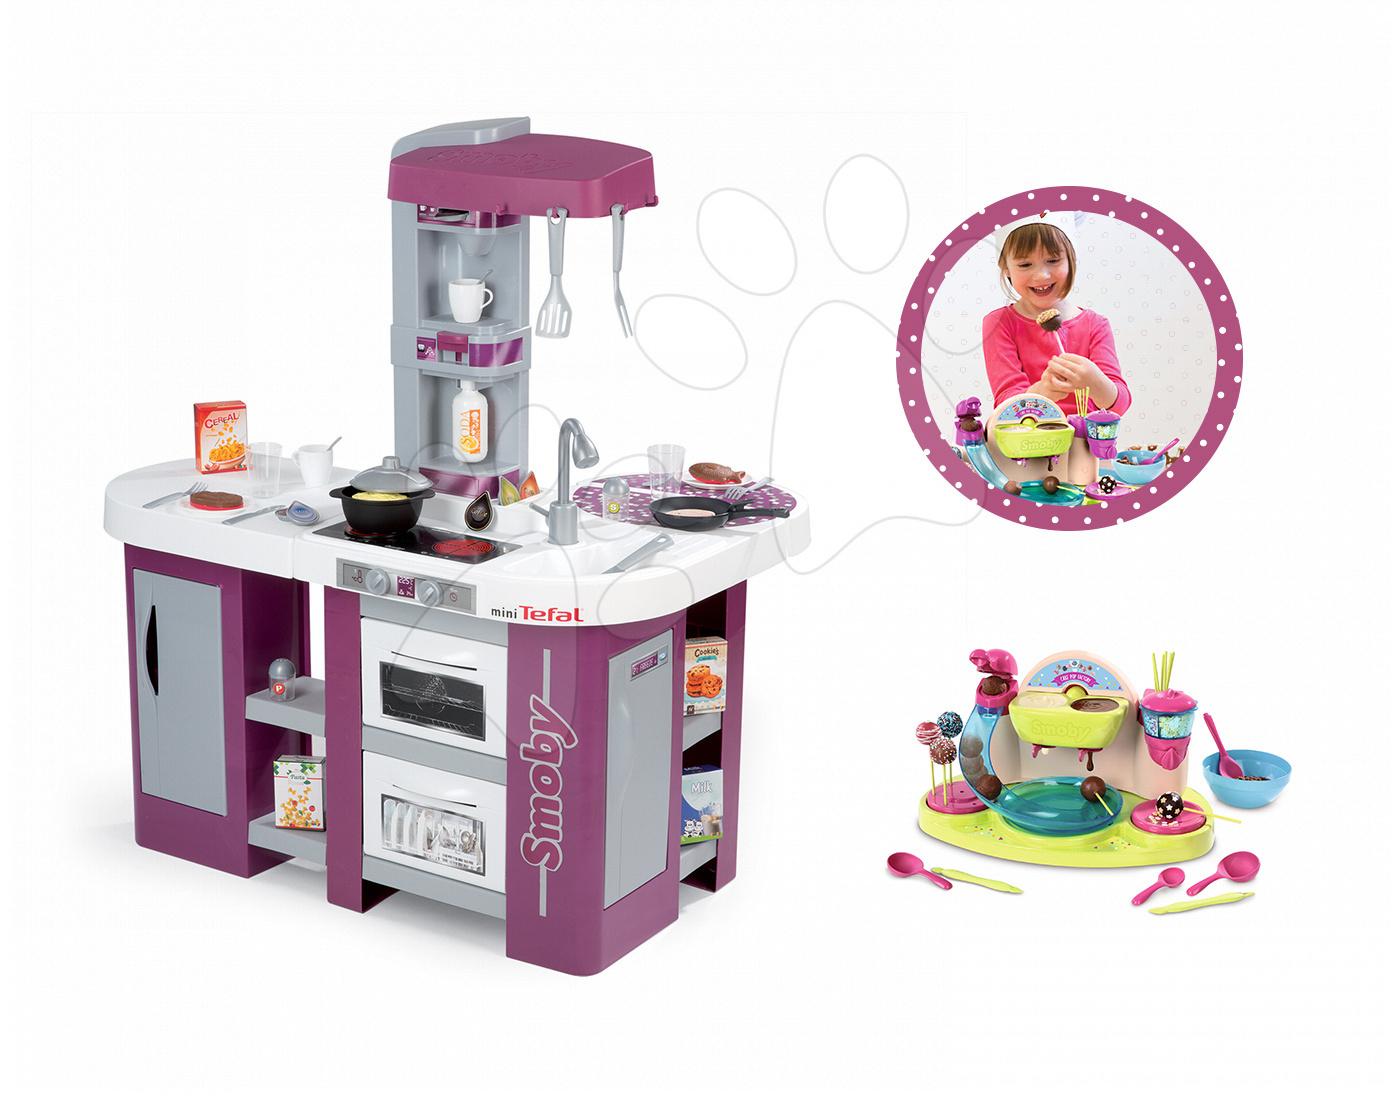 Set kuchyňka Tefal Studio XL Smoby s myčkou, lednicí, souprava na výrobu čokoládových lízátek